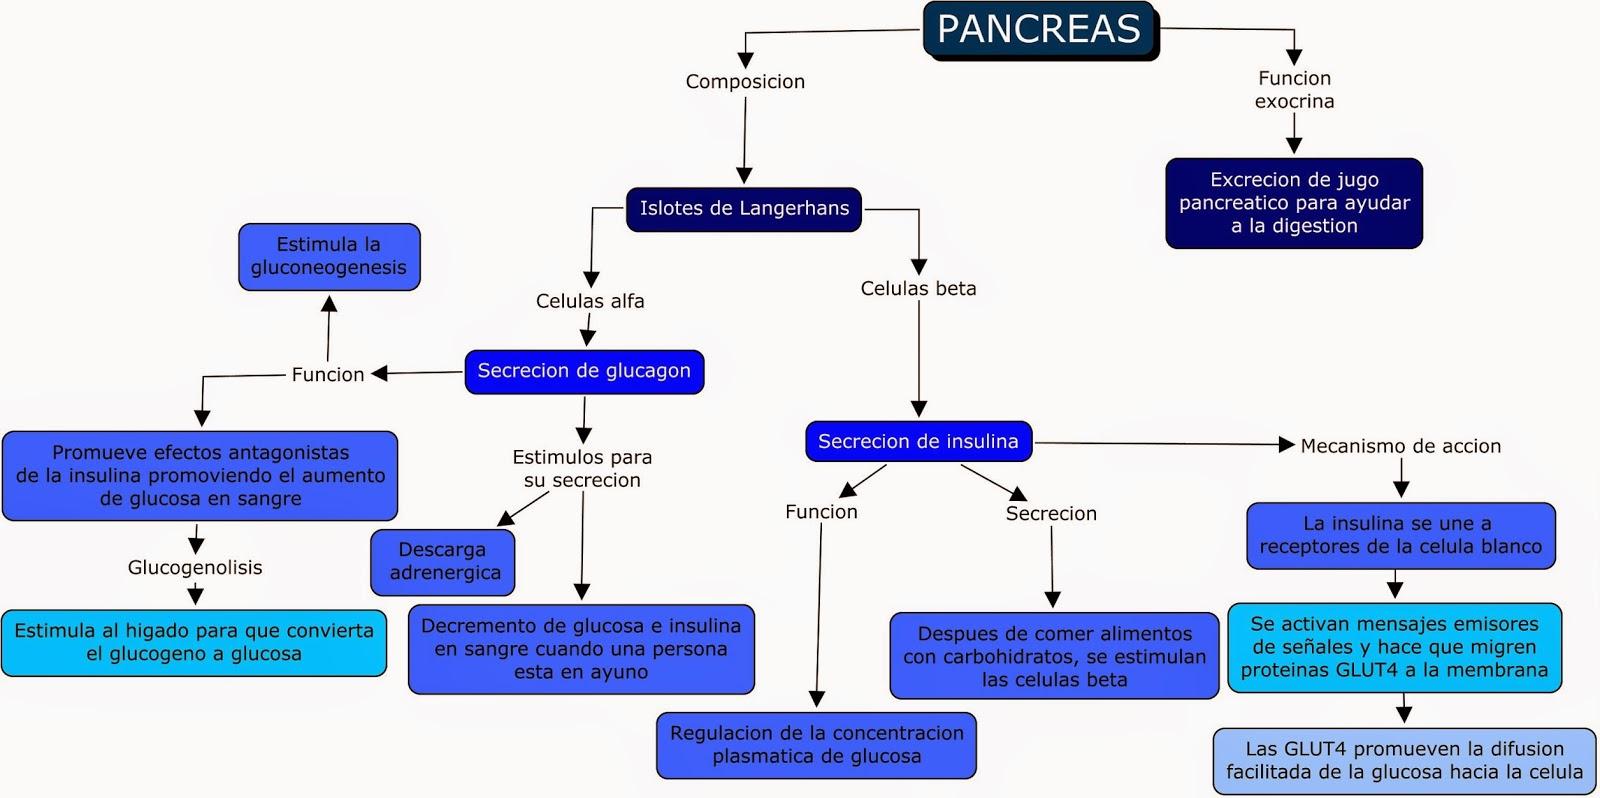 Moderno Ubicación Páncreas Anatomía Humana Molde - Anatomía de Las ...